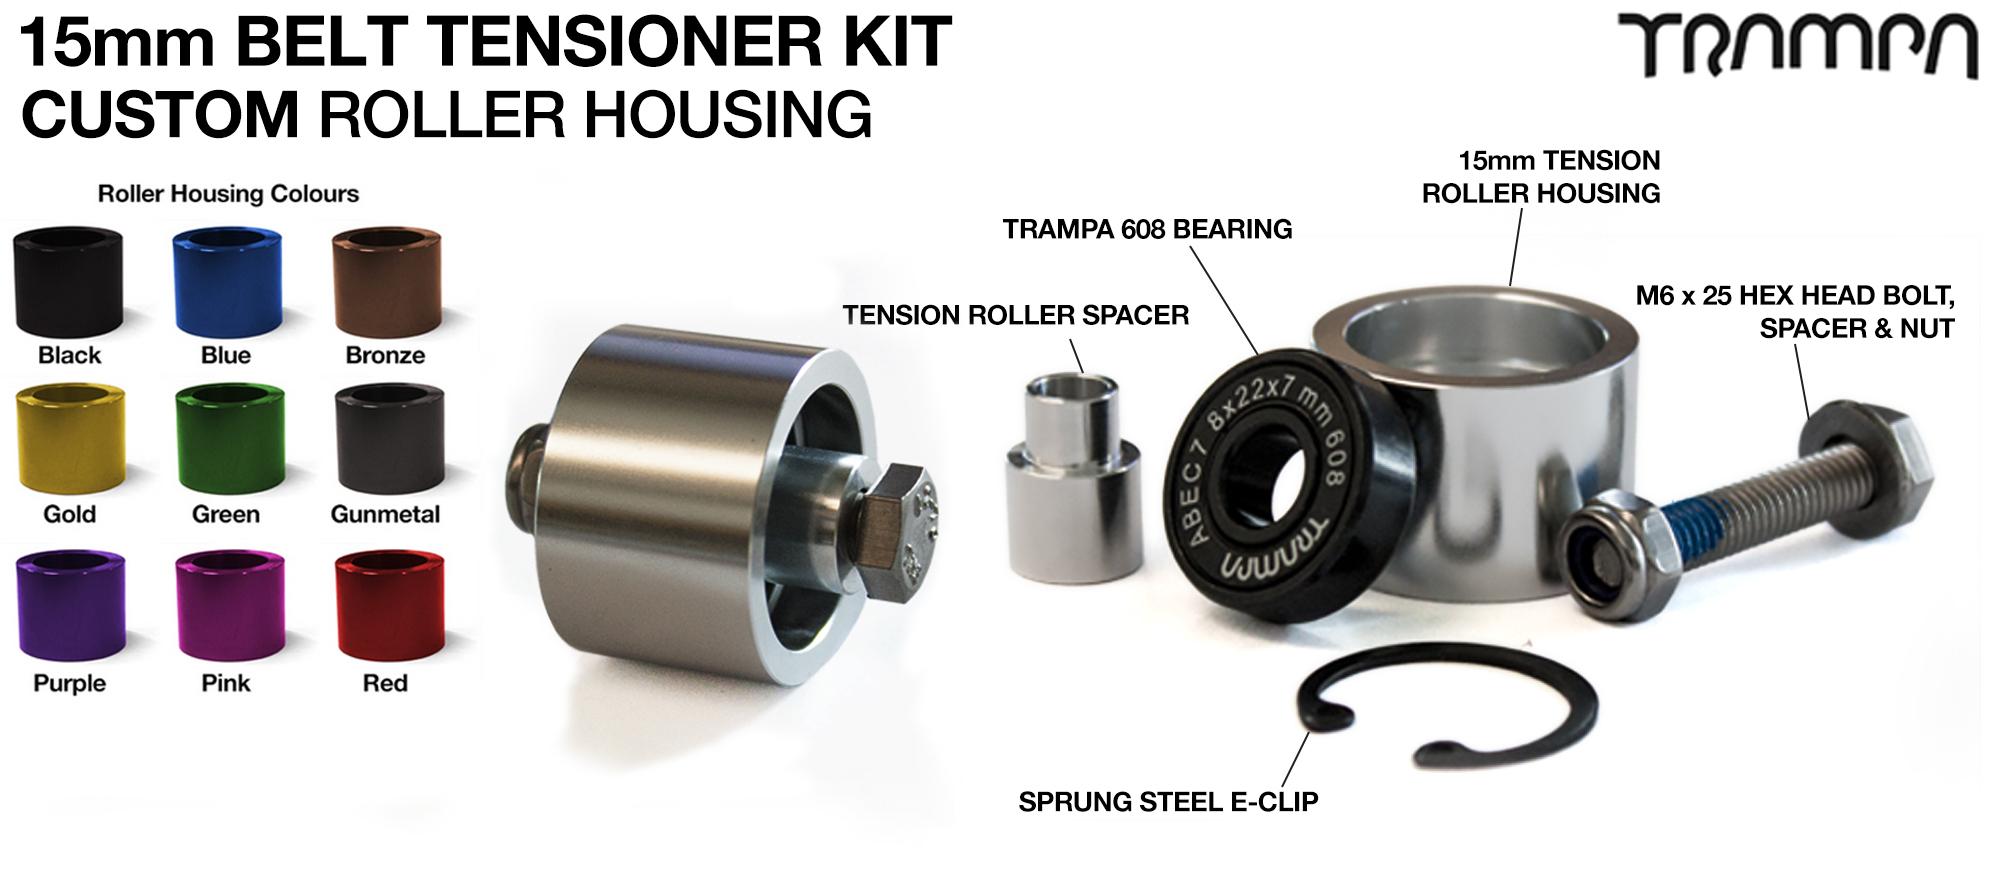 OPEN BELT DRIVE Belt Tensioning System for 15mm Belts